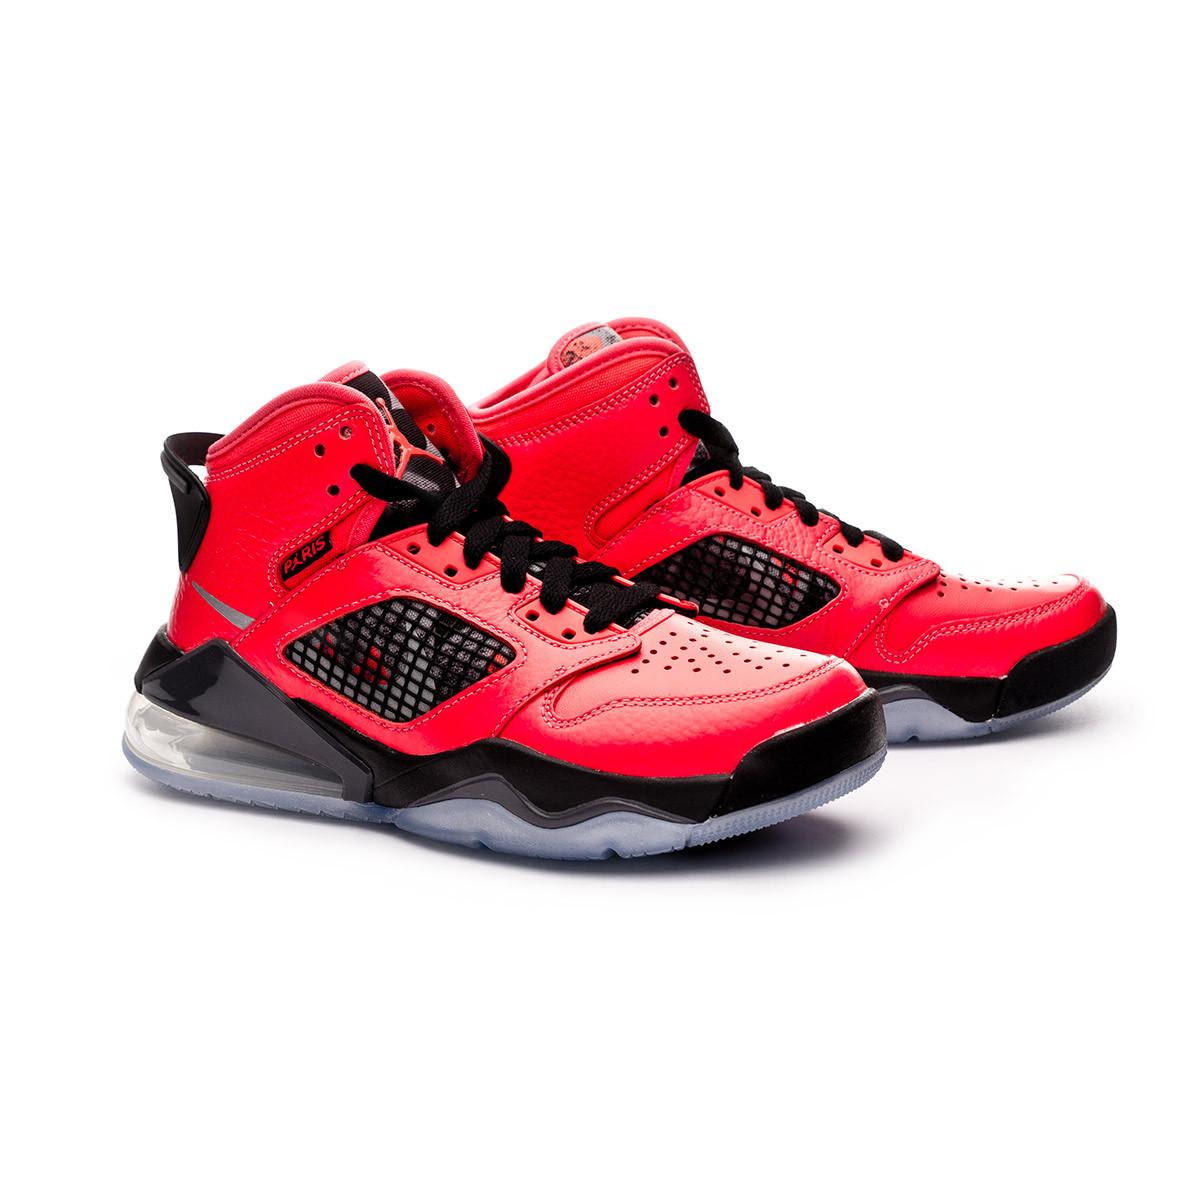 cheap sale new style wide varieties Nike Paris Saint-Germain Jordan Mars 270 Niño Trainers